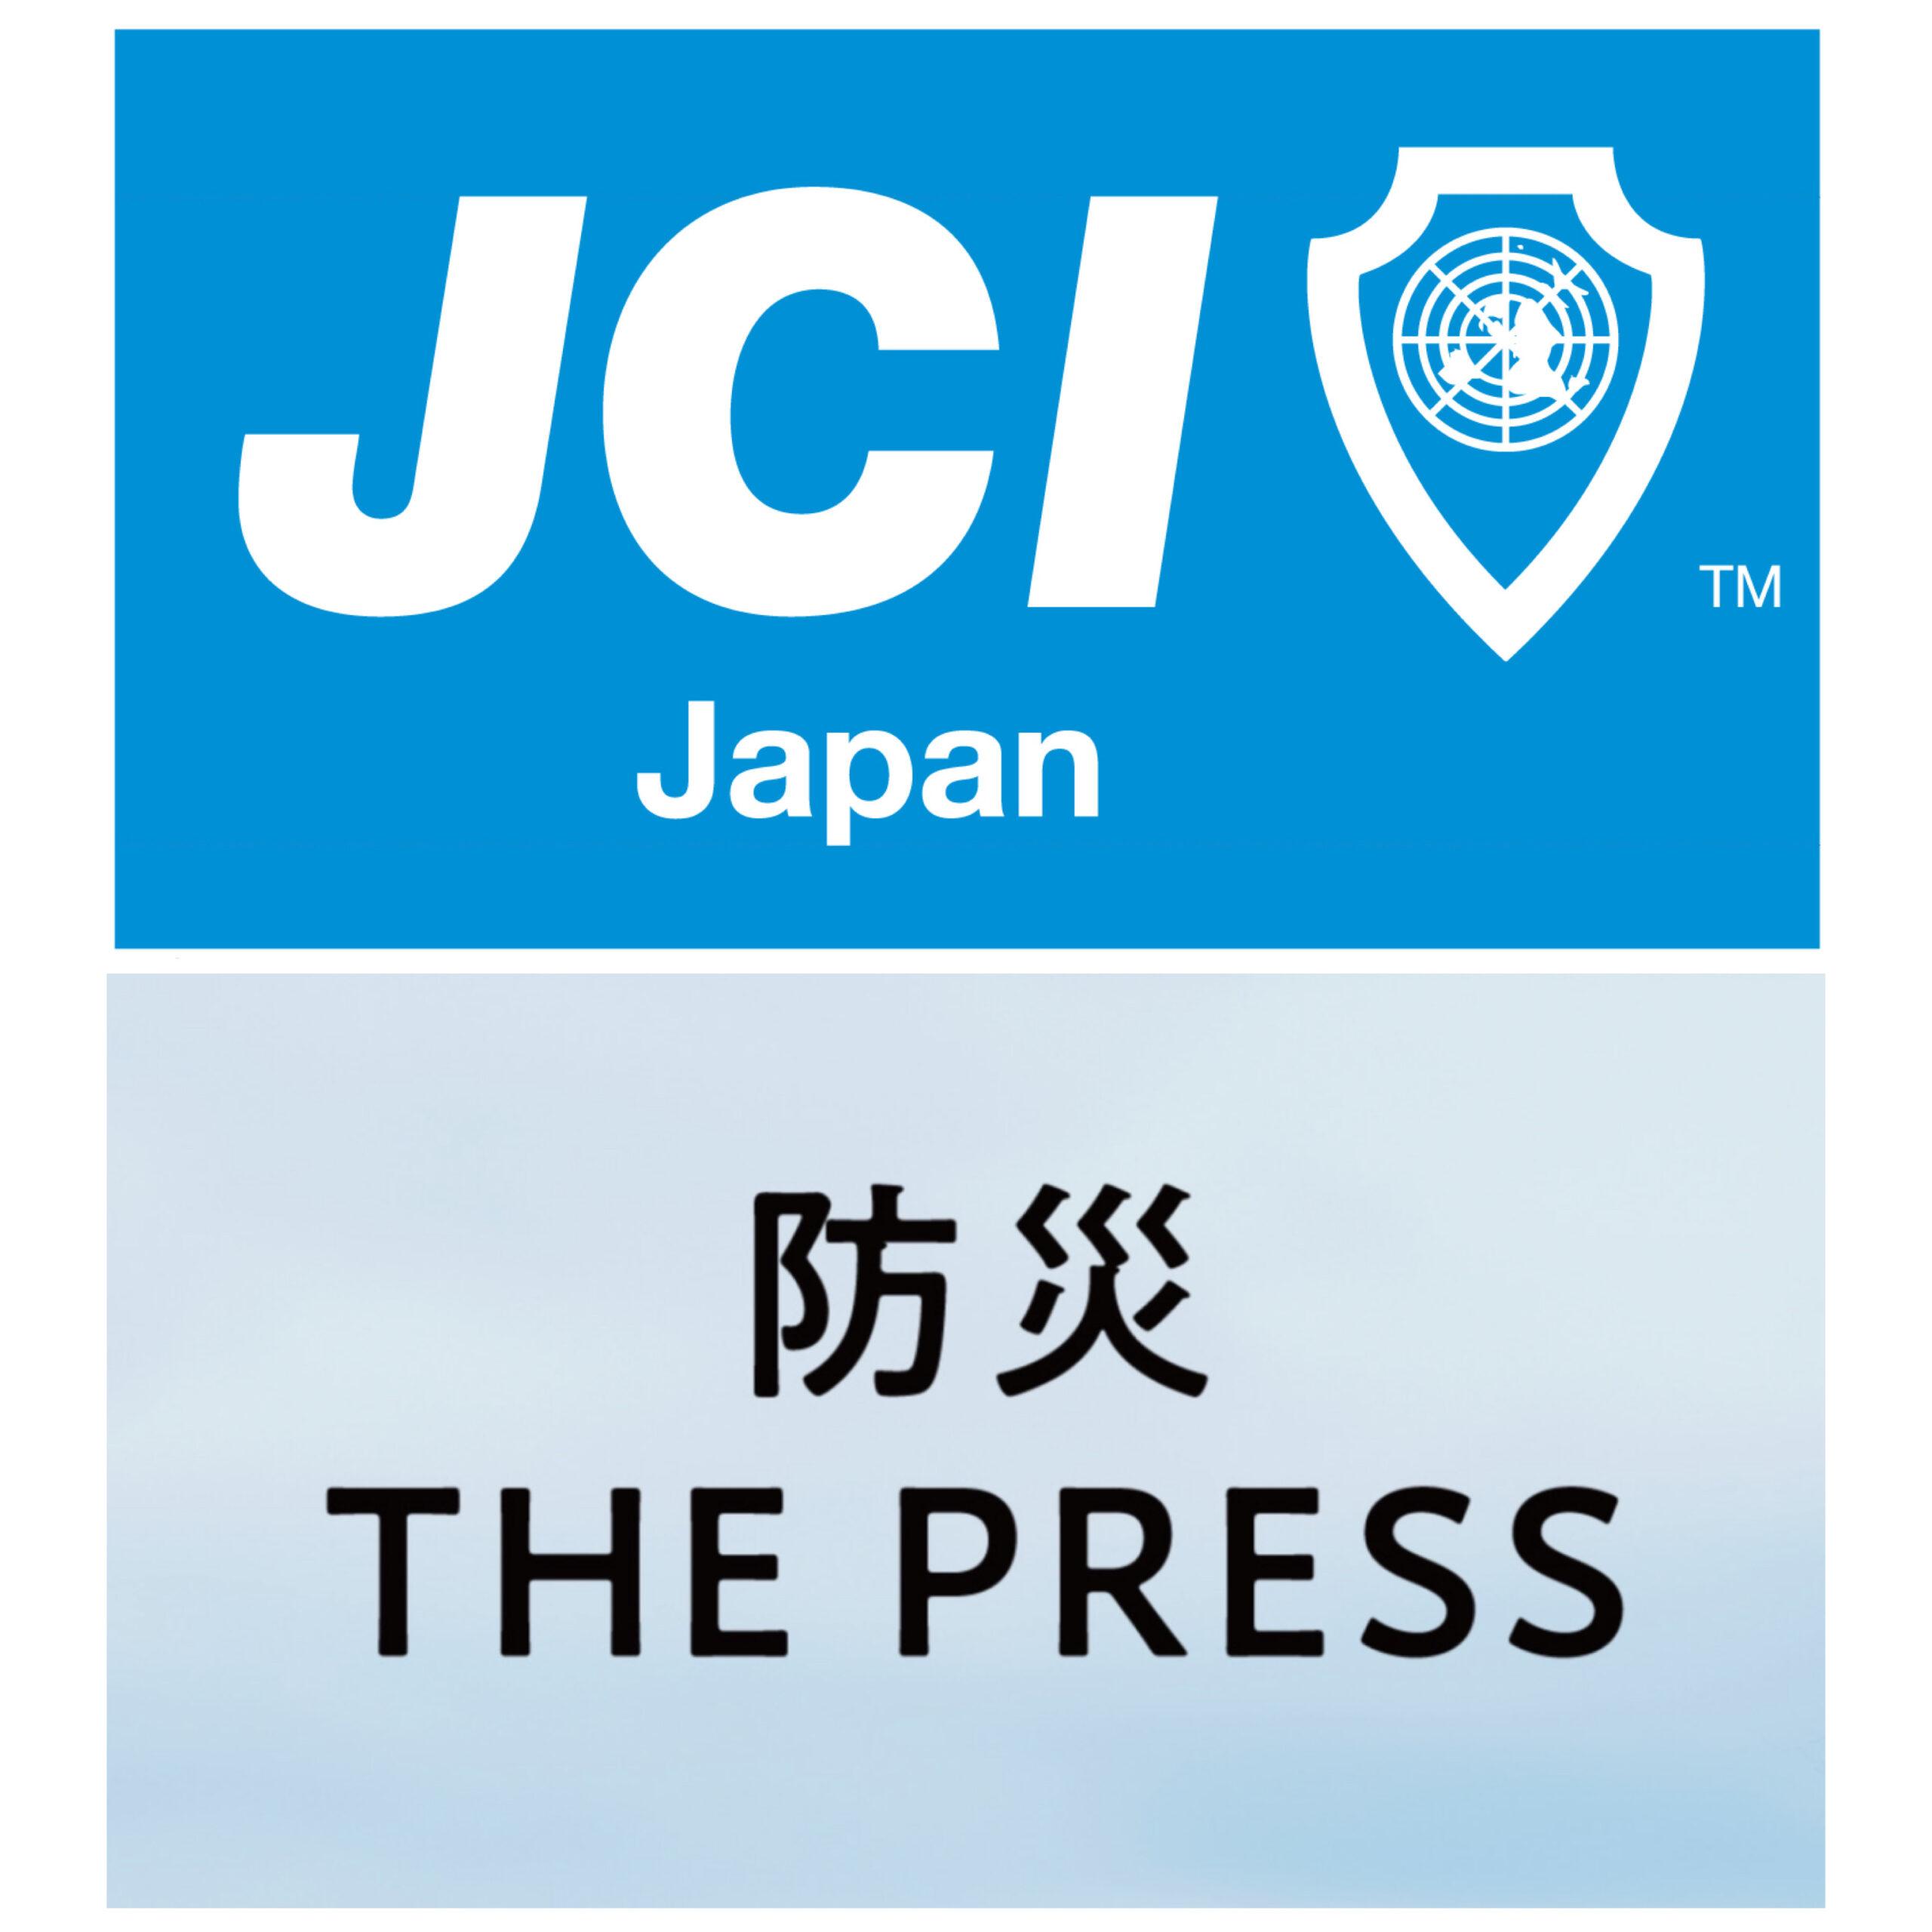 防災THE PRESSは日本青年会議所・JCの防災・減災に関する活動を大学生インフルエンサーが取材します